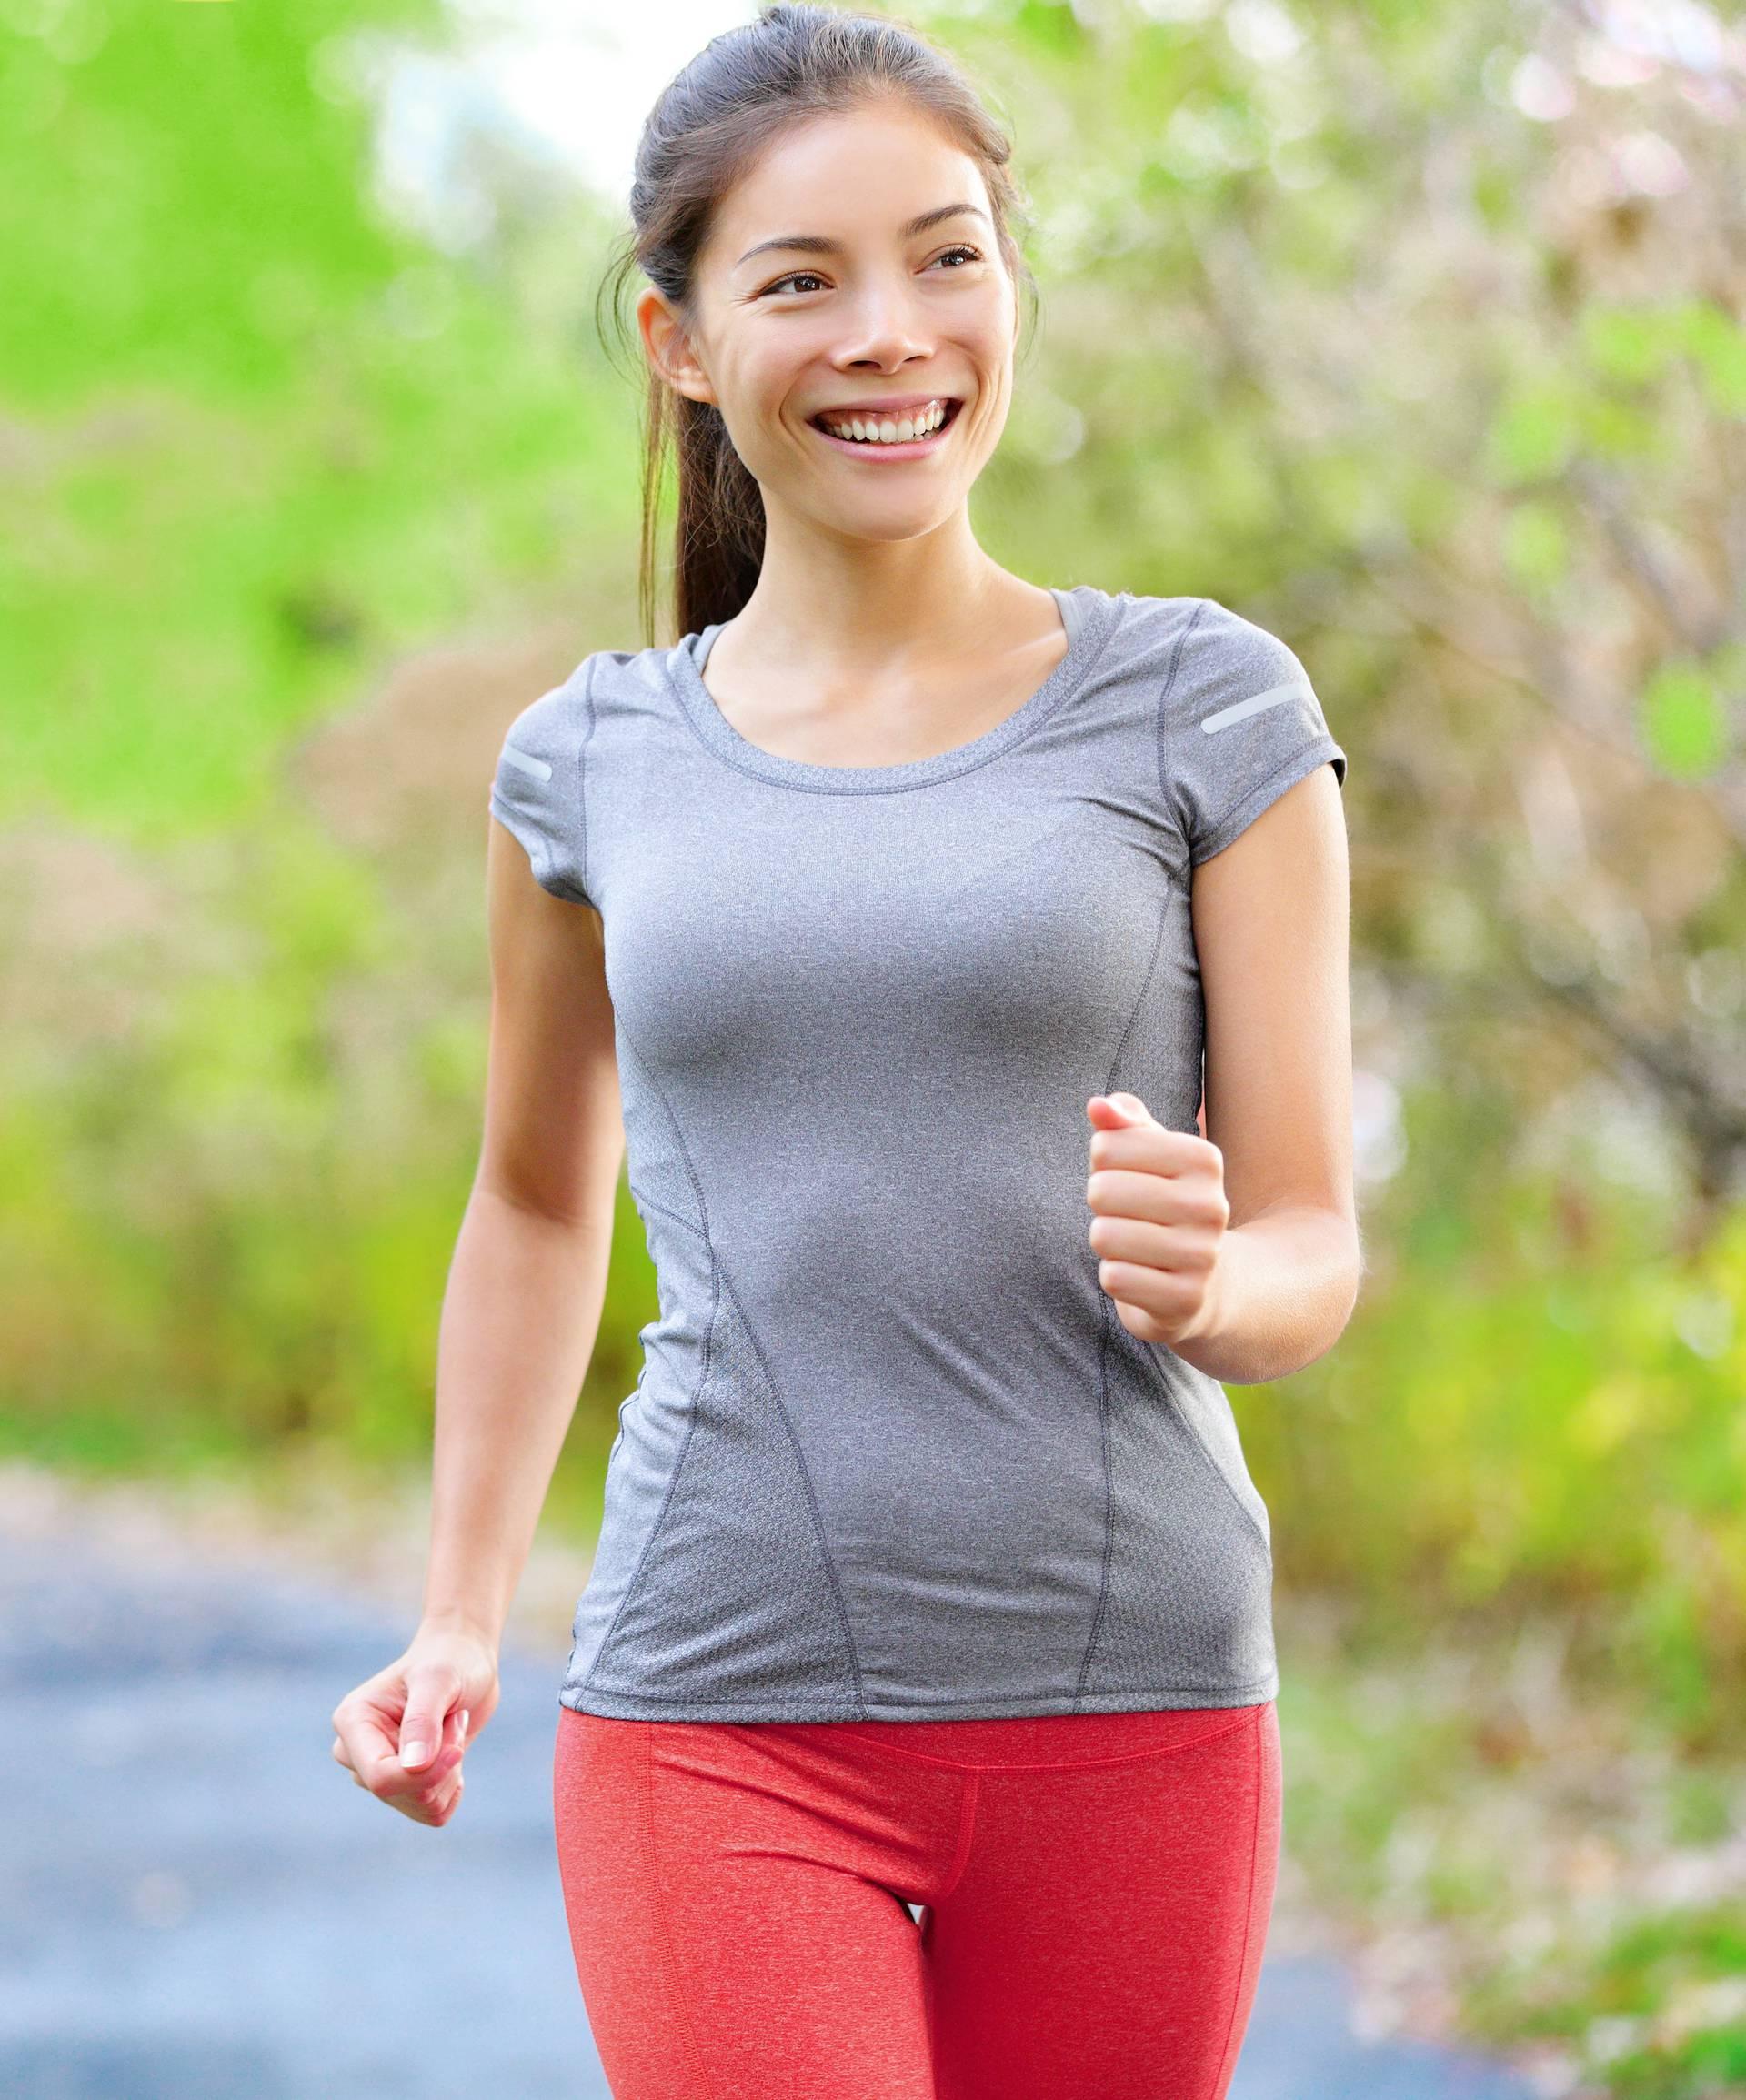 Da zdravo mršavite hodanjem, prijeđite 10.000 koraka na dan